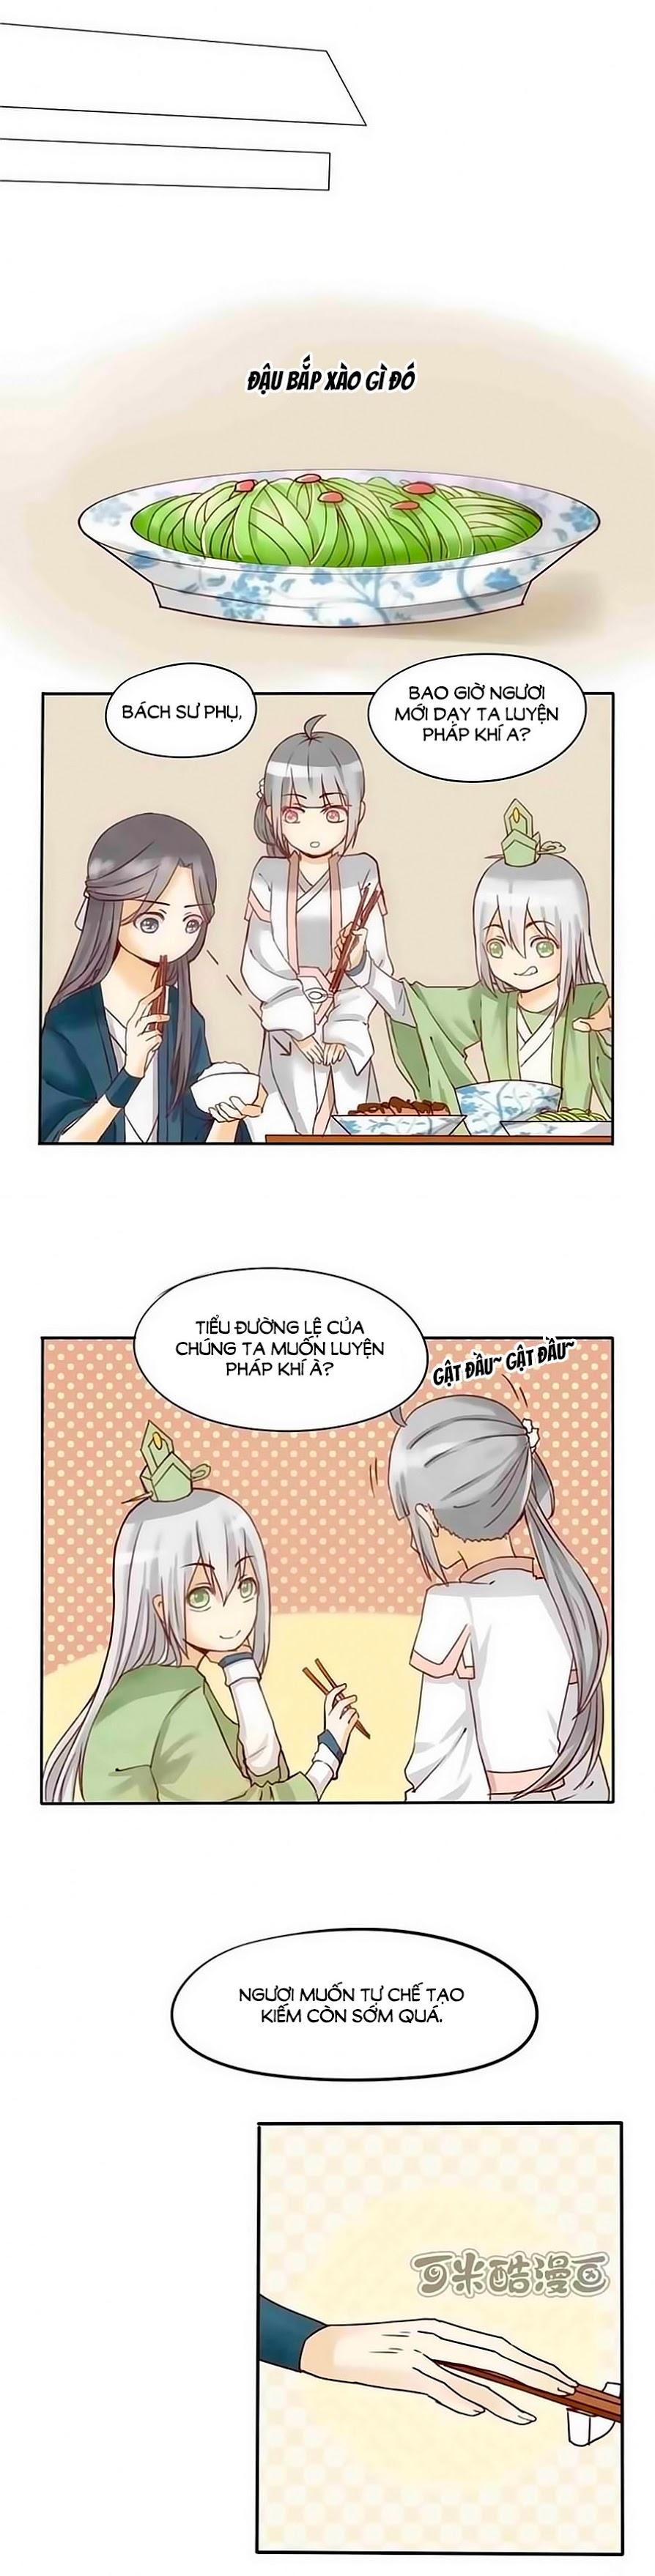 Thượng Tiên Ham Ăn Của Ta - Chap 7